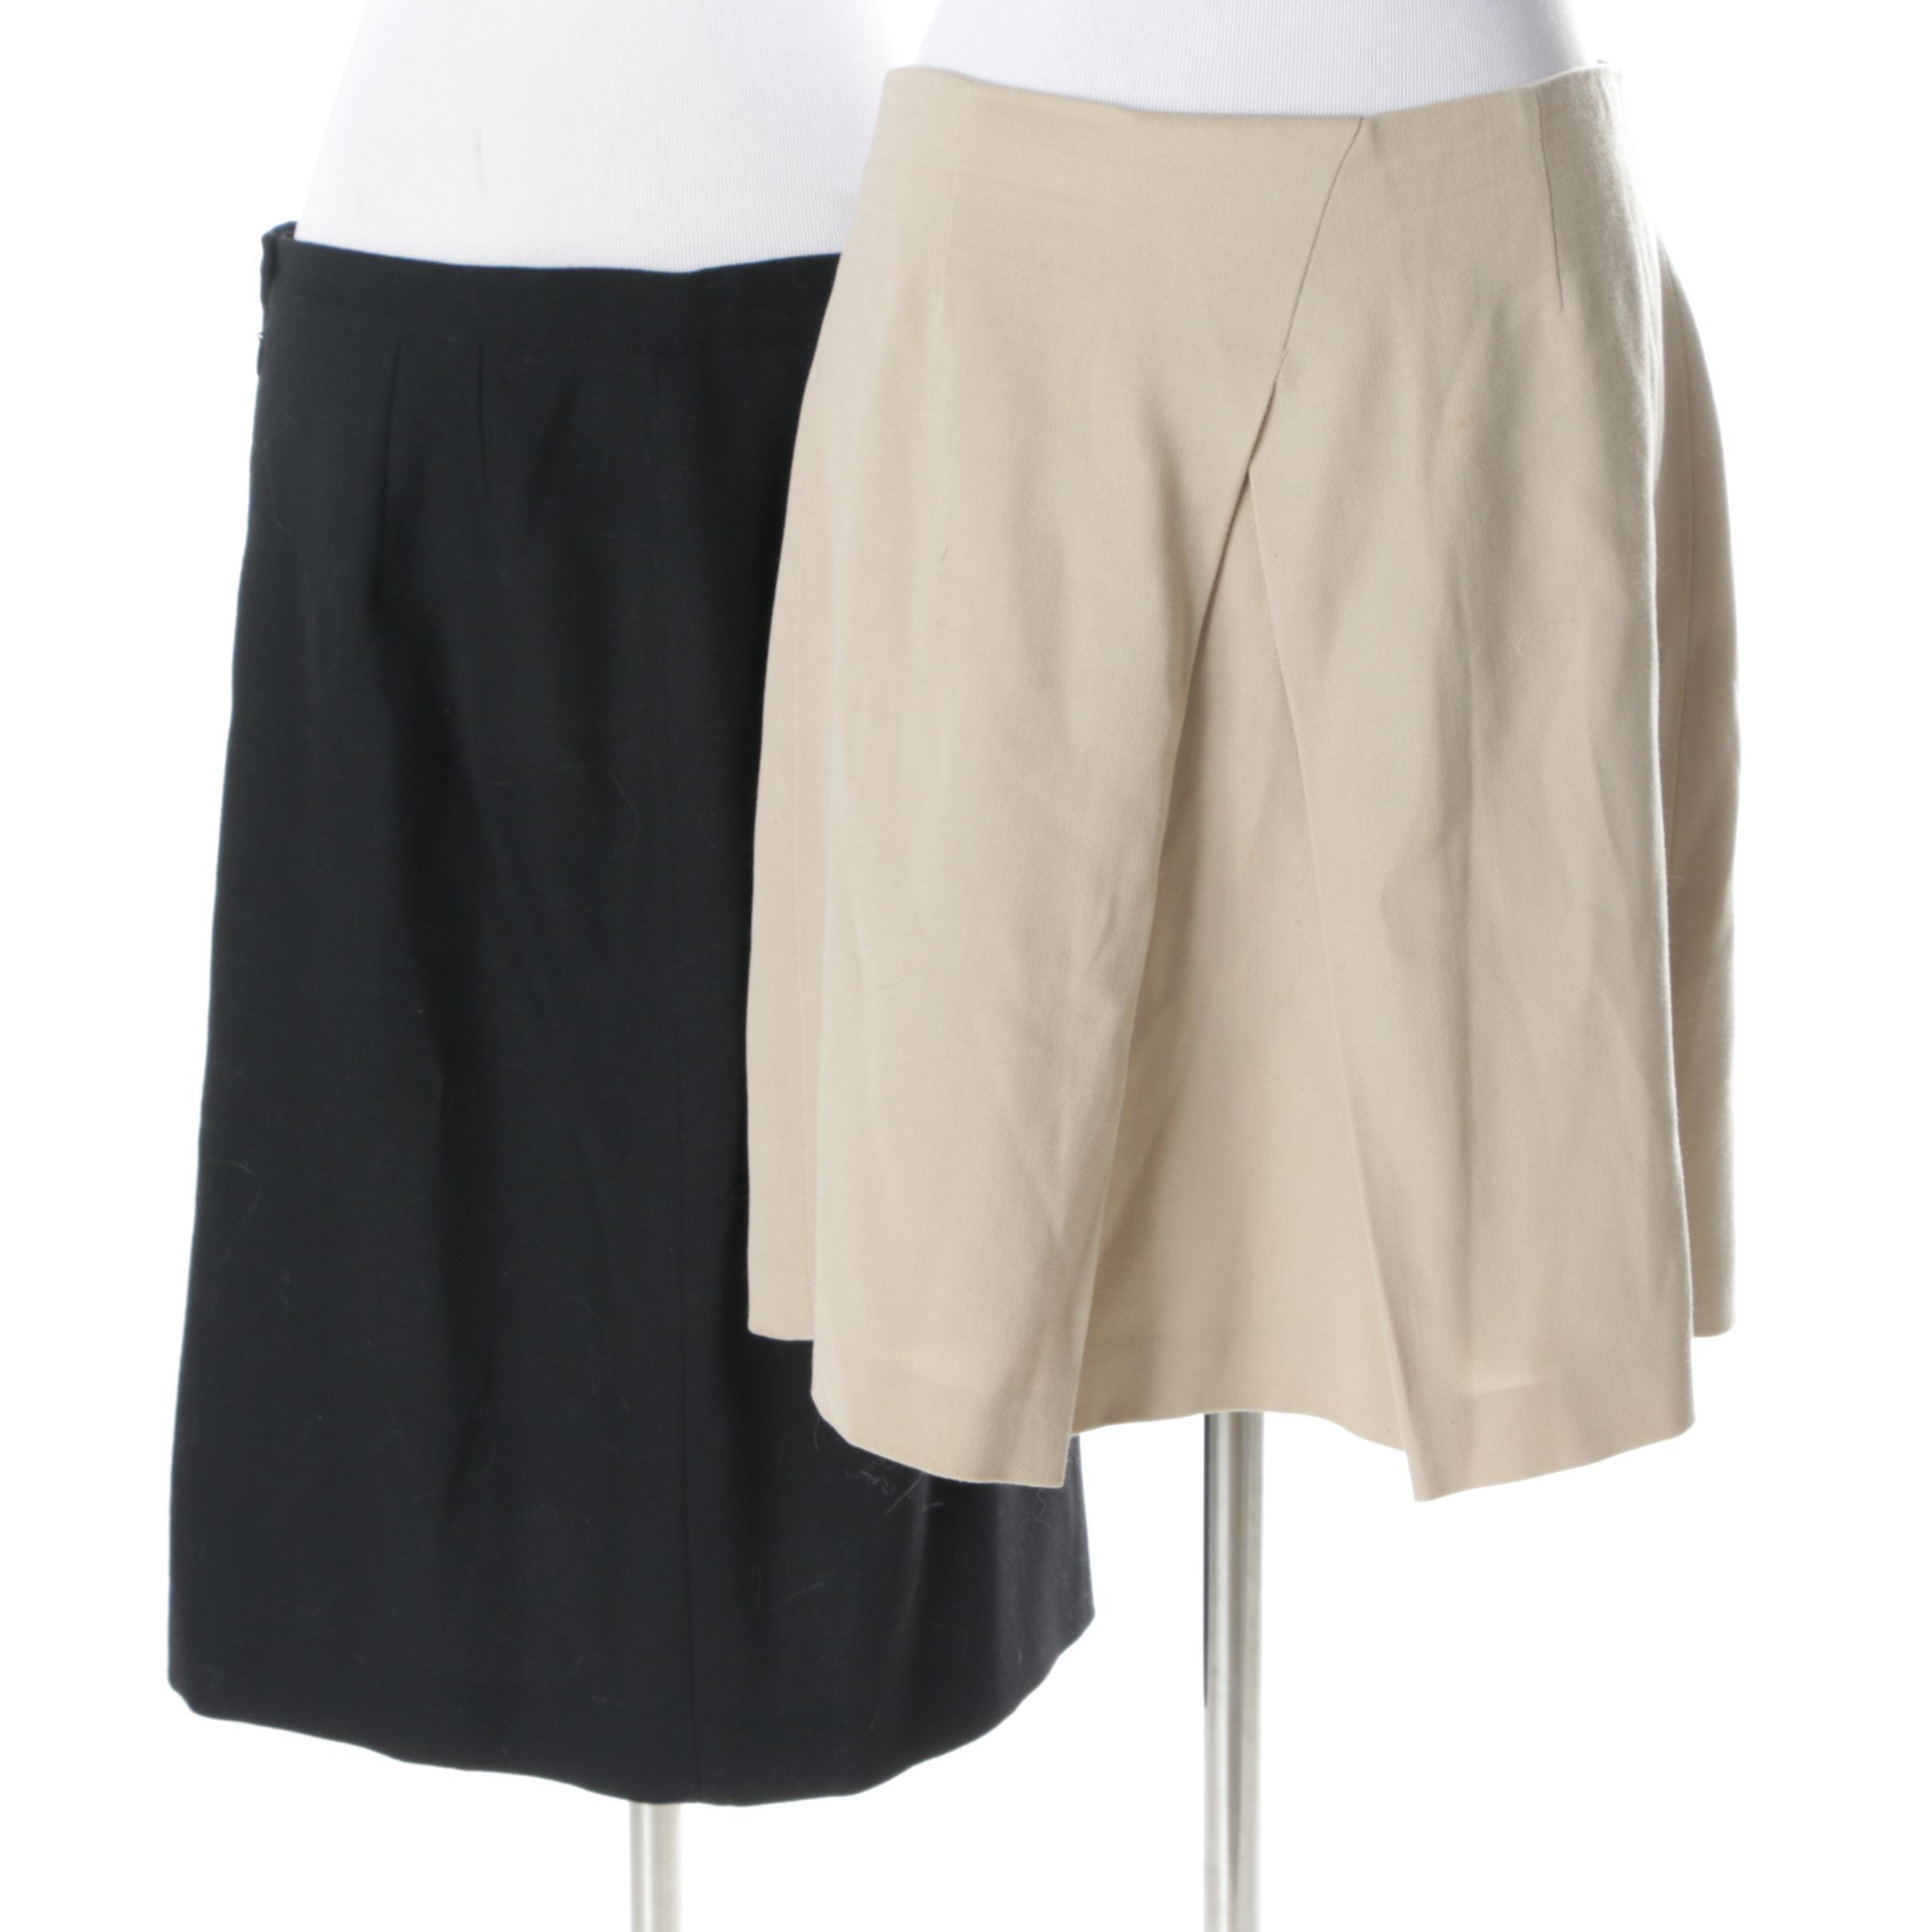 Giorgio Armani Le Collezioni and Emporio Armani Skirts